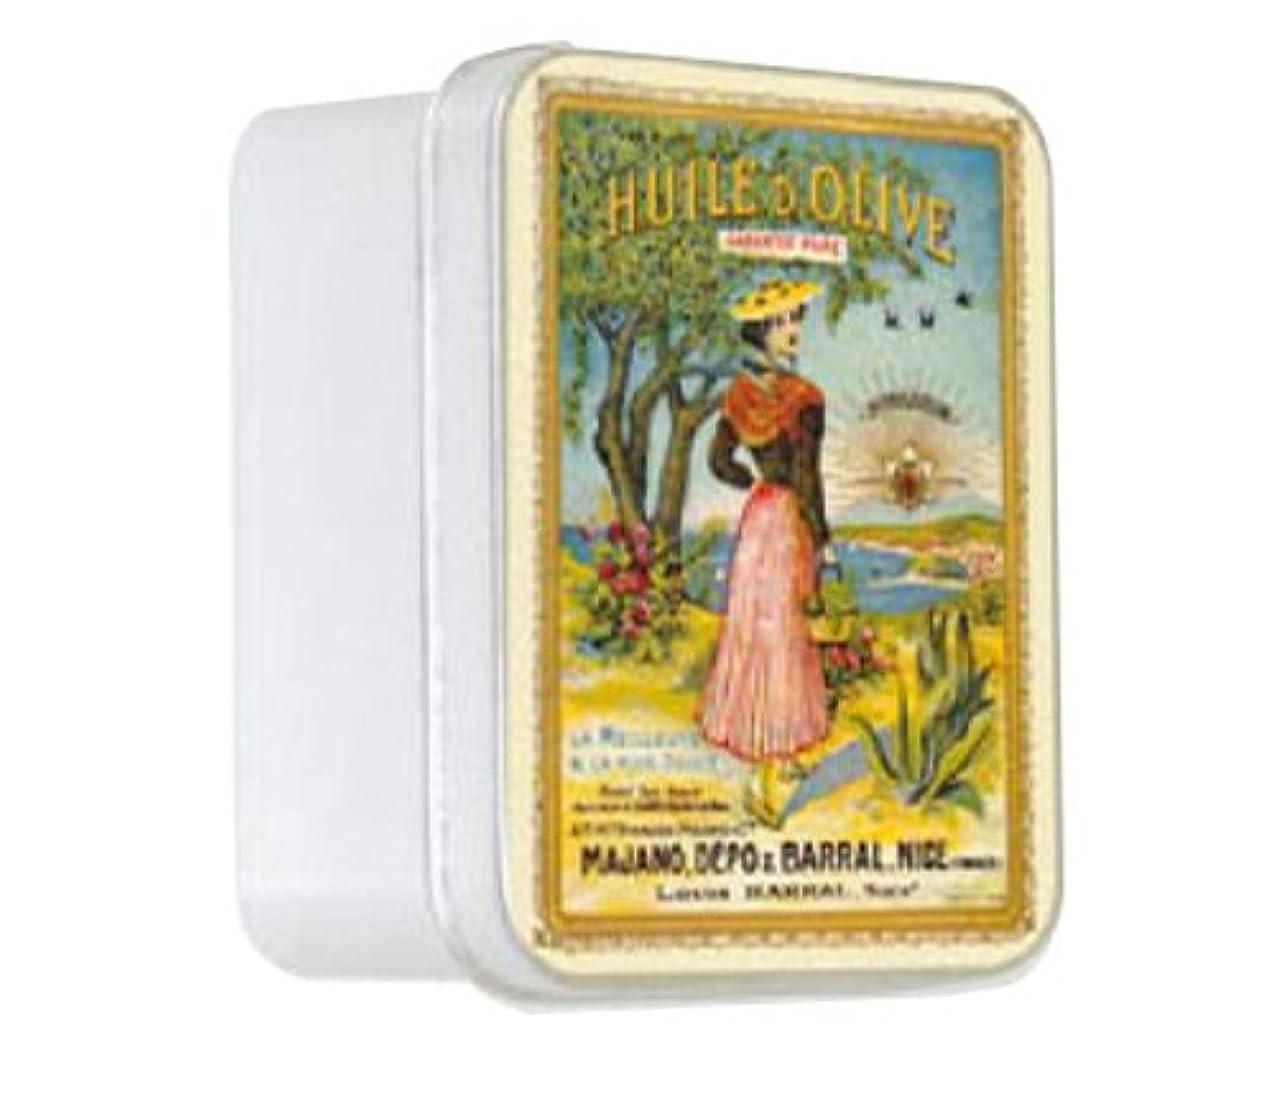 株式会社最大限制限ルブランソープ メタルボックス(ラ ニソワーズ?オリーブの香り)石鹸